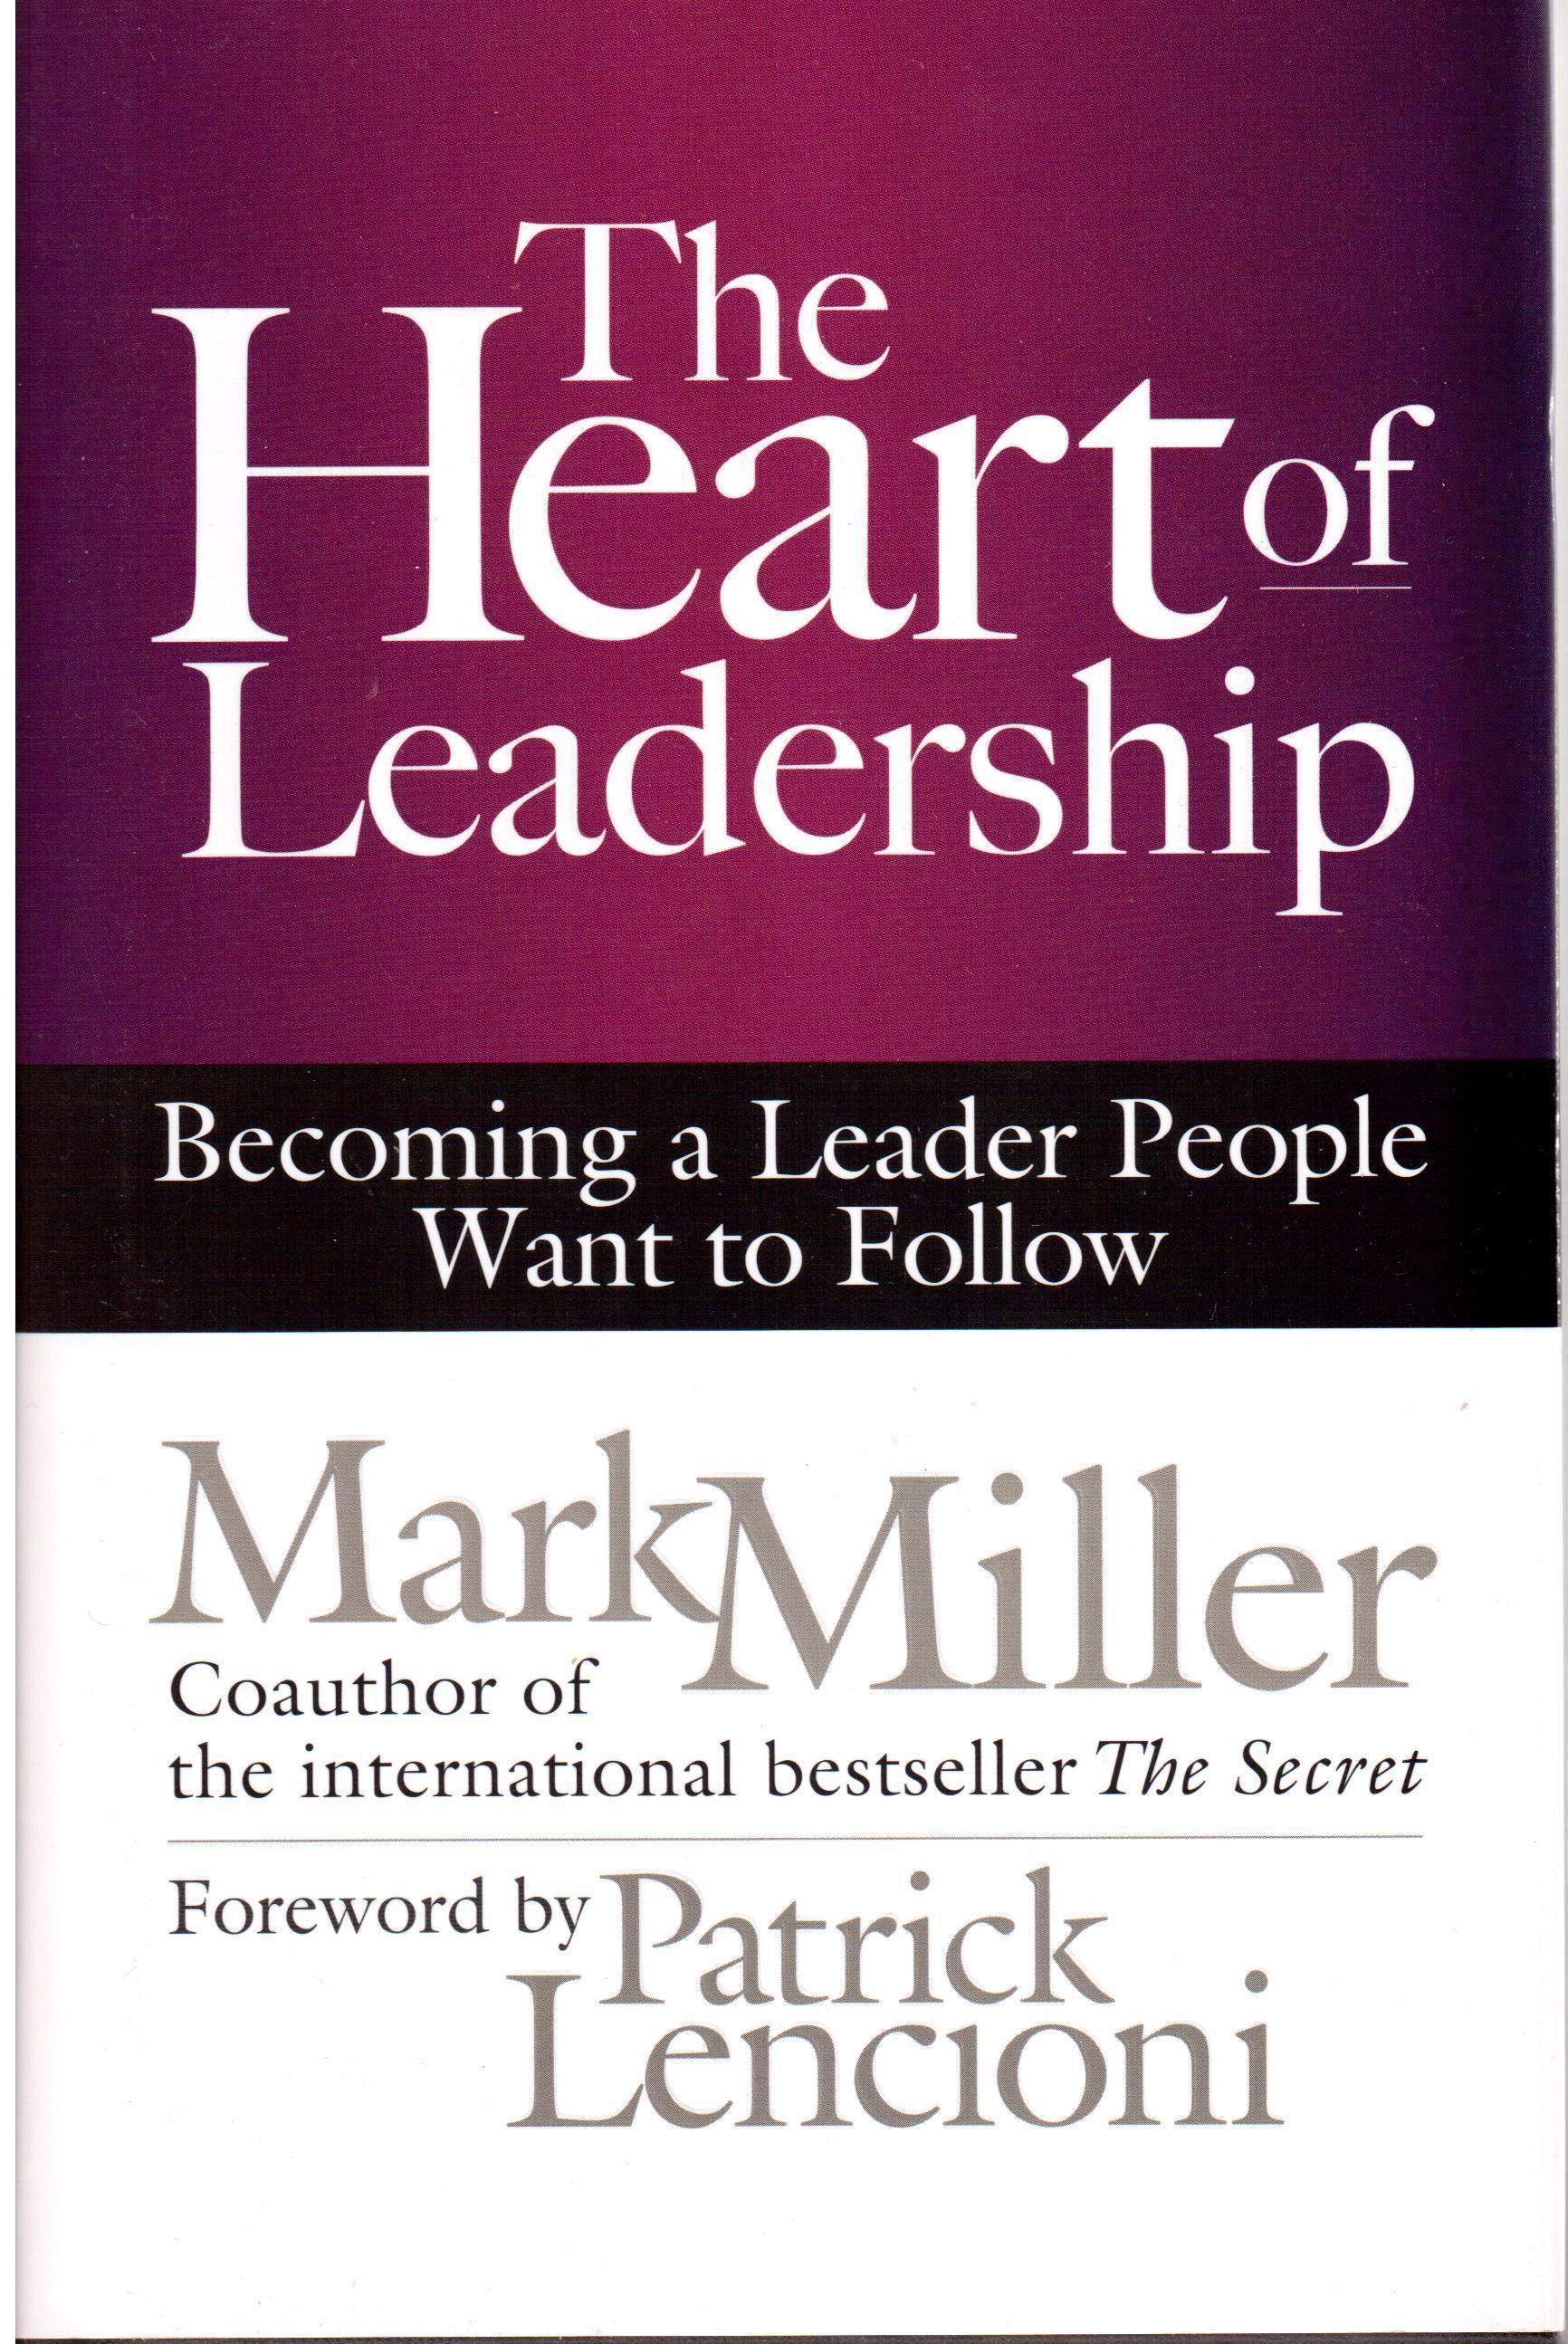 THE HEART OF LEADERSHIP WORKSHEET DOWNLOAD    BUY THE HEART OF LEADERSHIP ONLINE